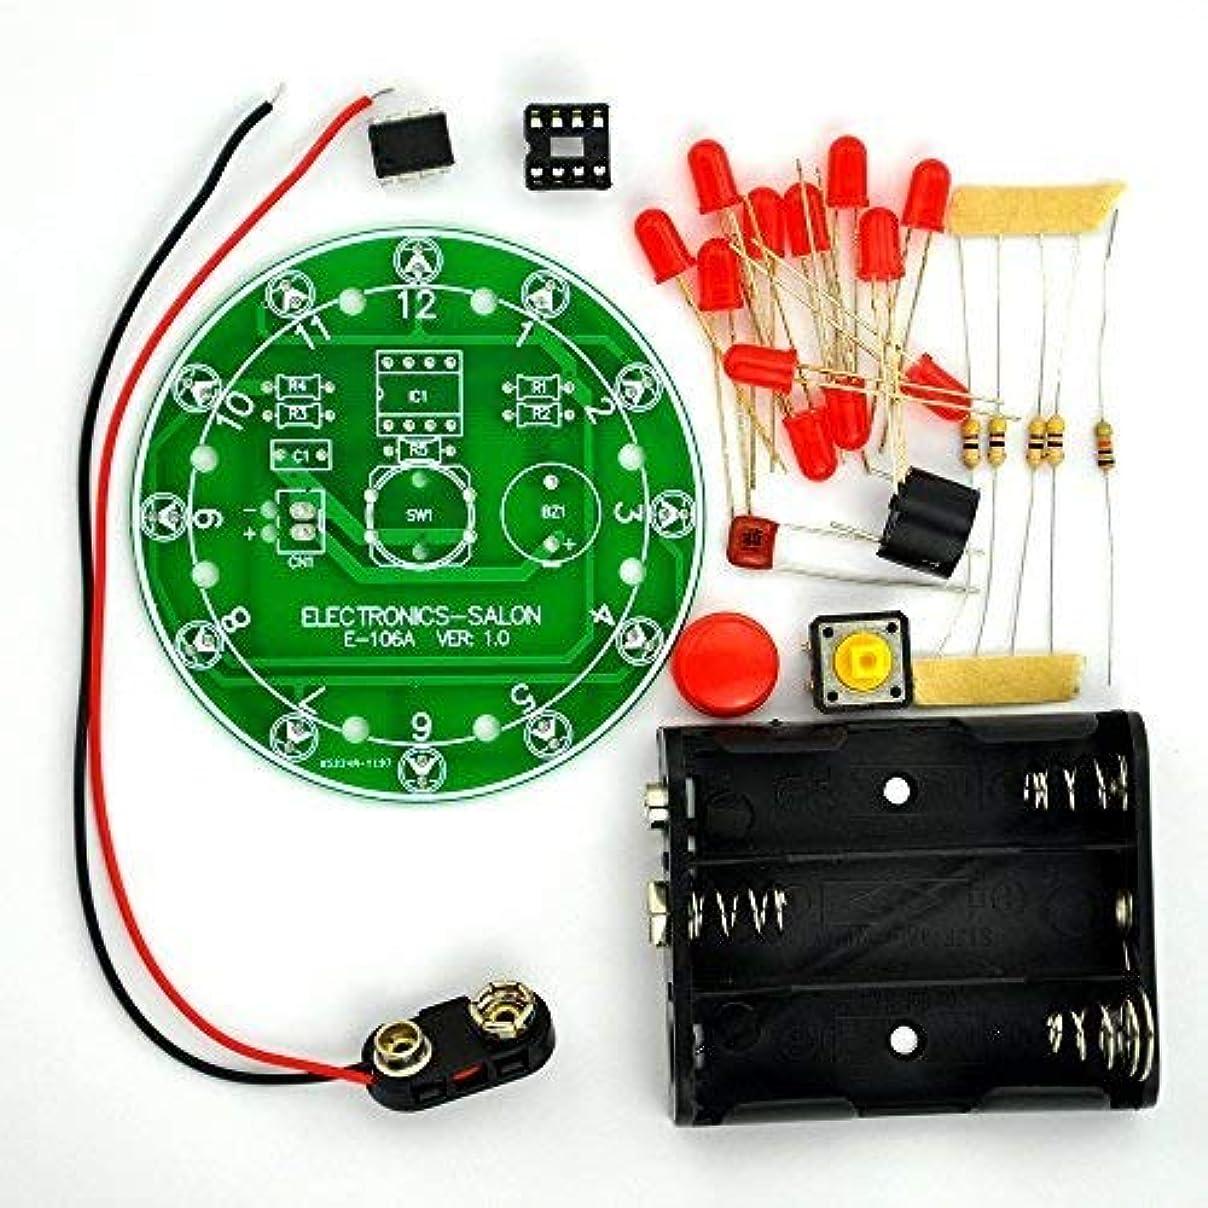 怠推論日光Electronics-Salon 12位置pic12f508 MCUに基づく電子ラッキー回転ボードキット導い